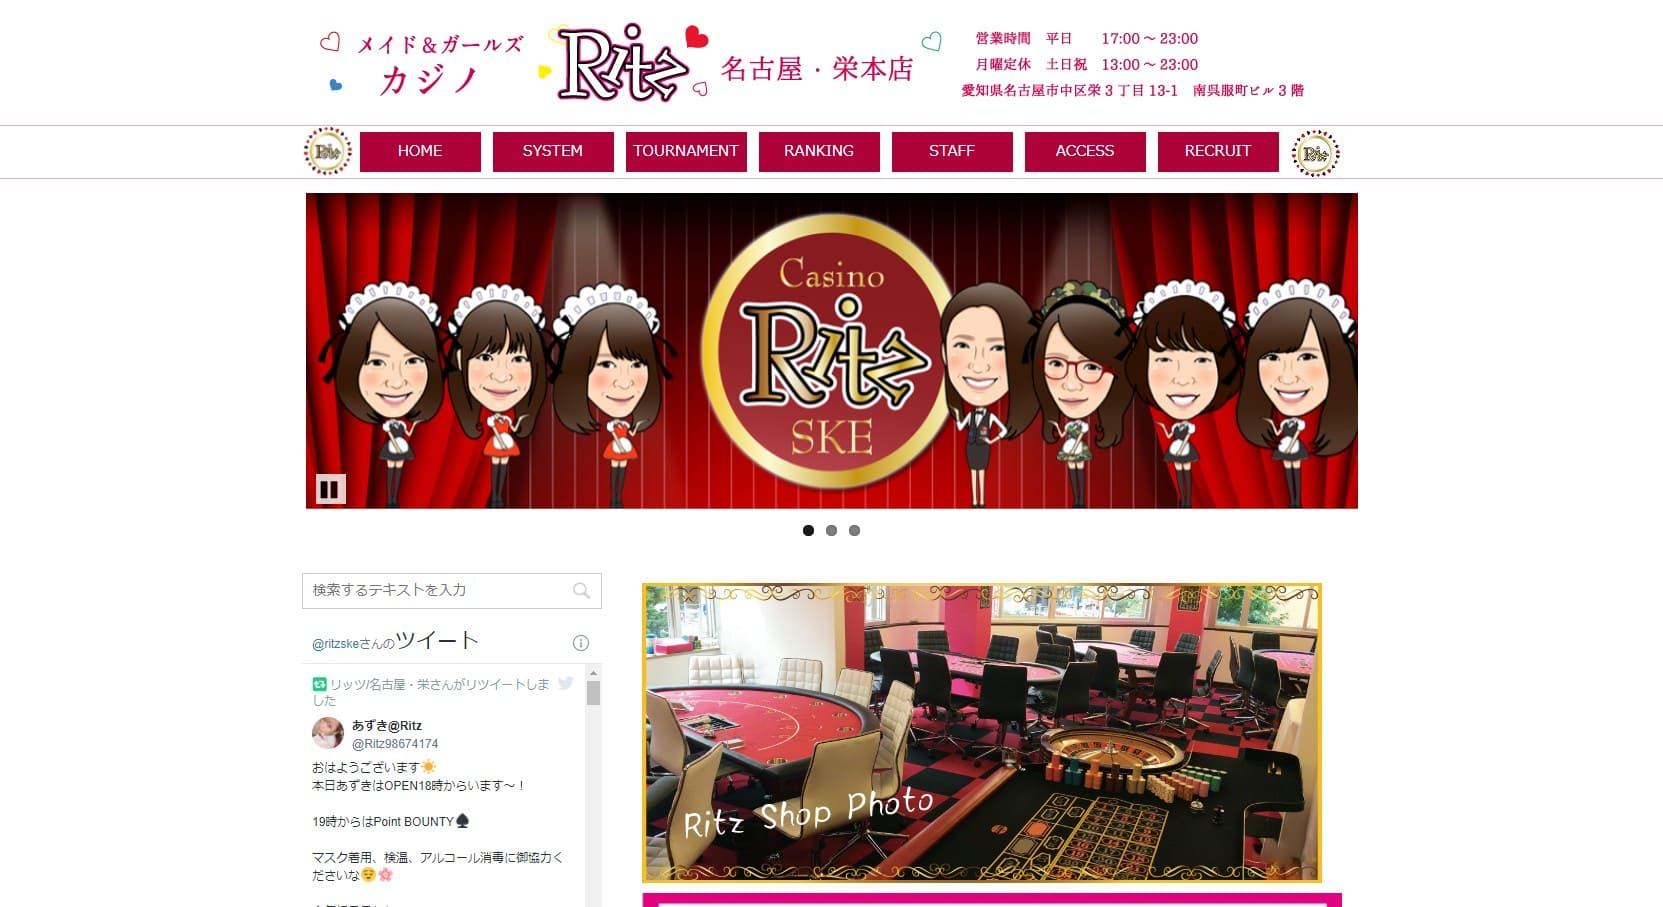 メイド&ガールズカジノ Ritzのウェブサイト画像。